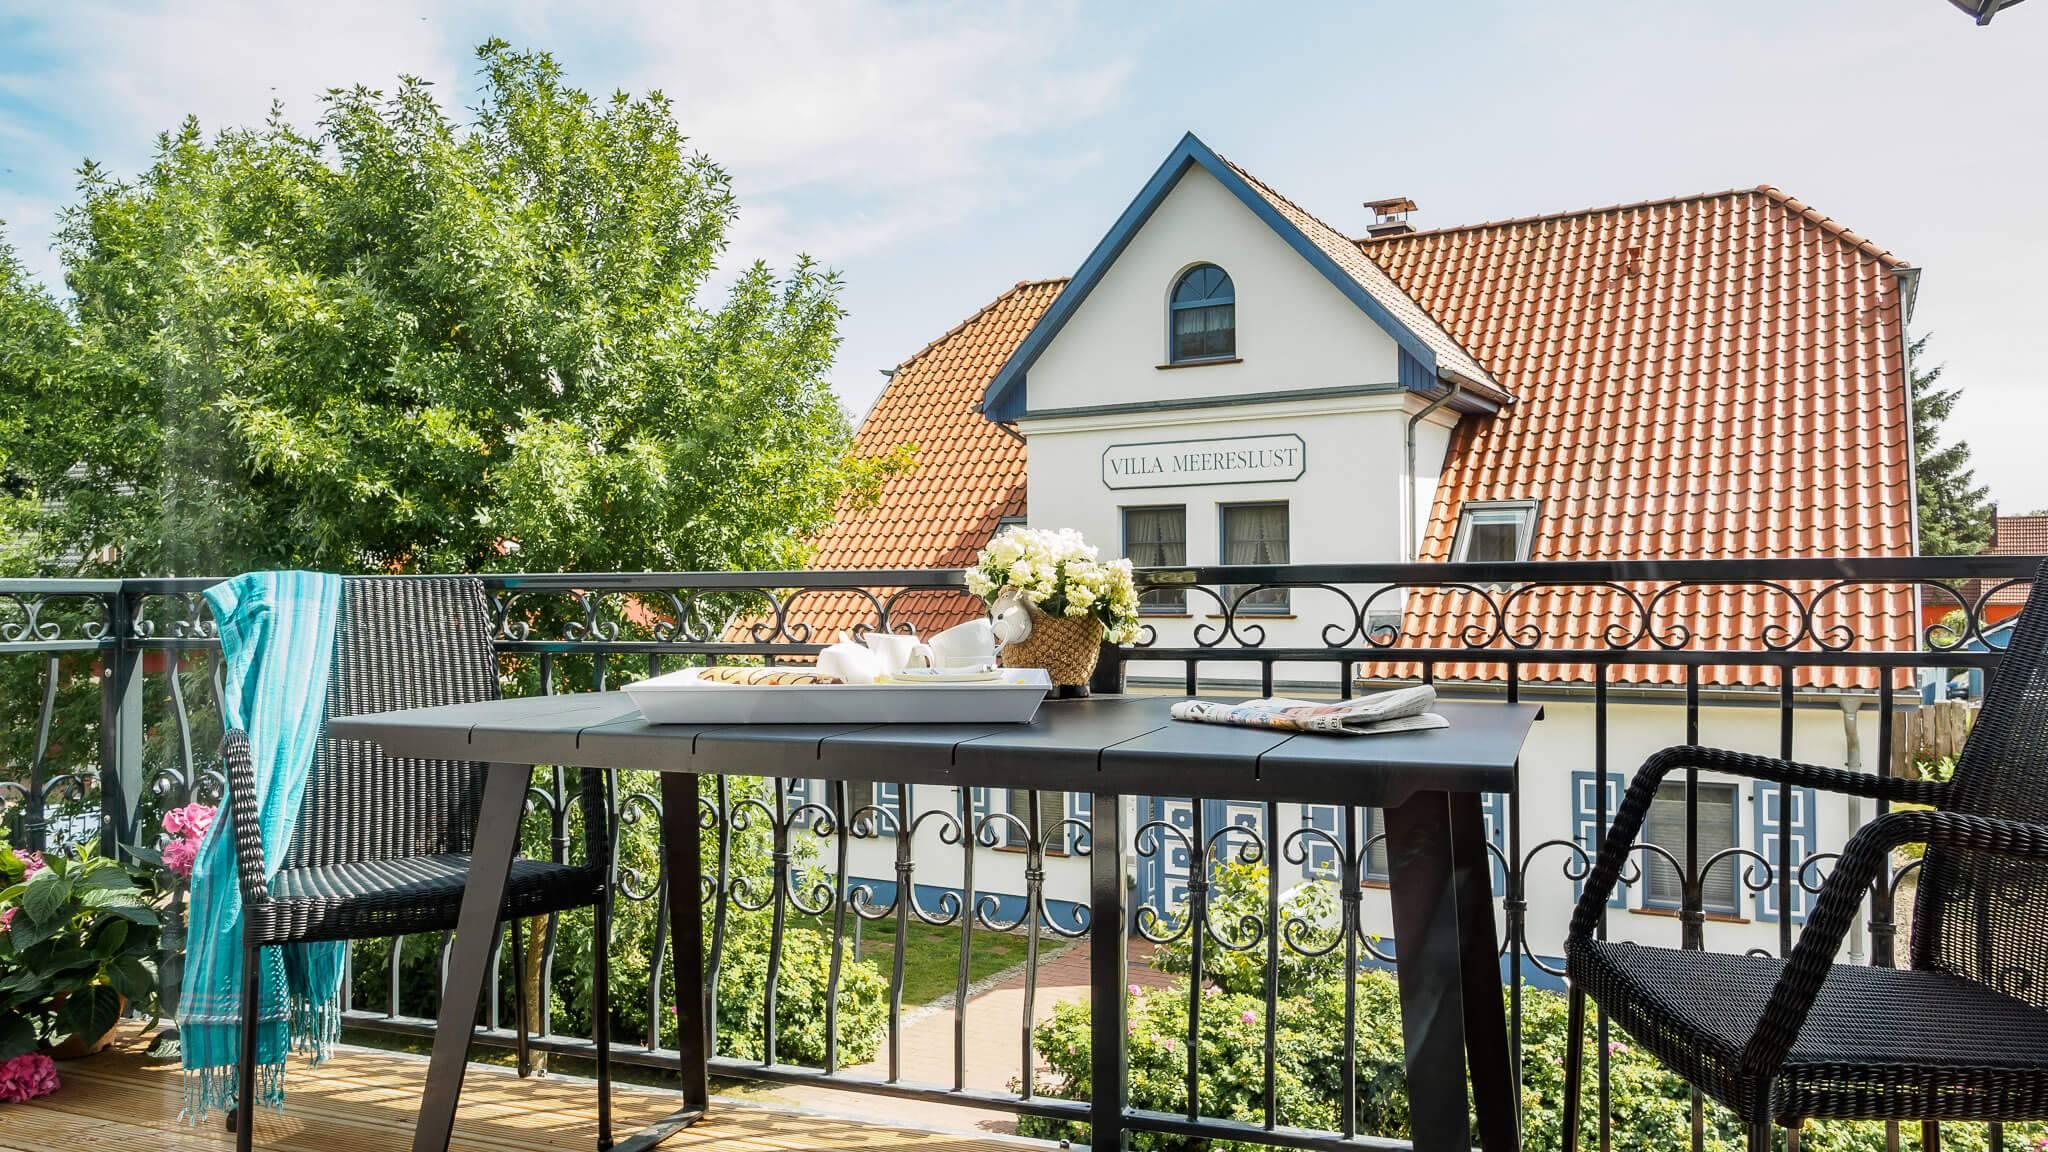 Ferienwohnung meerle 4 - Balkon